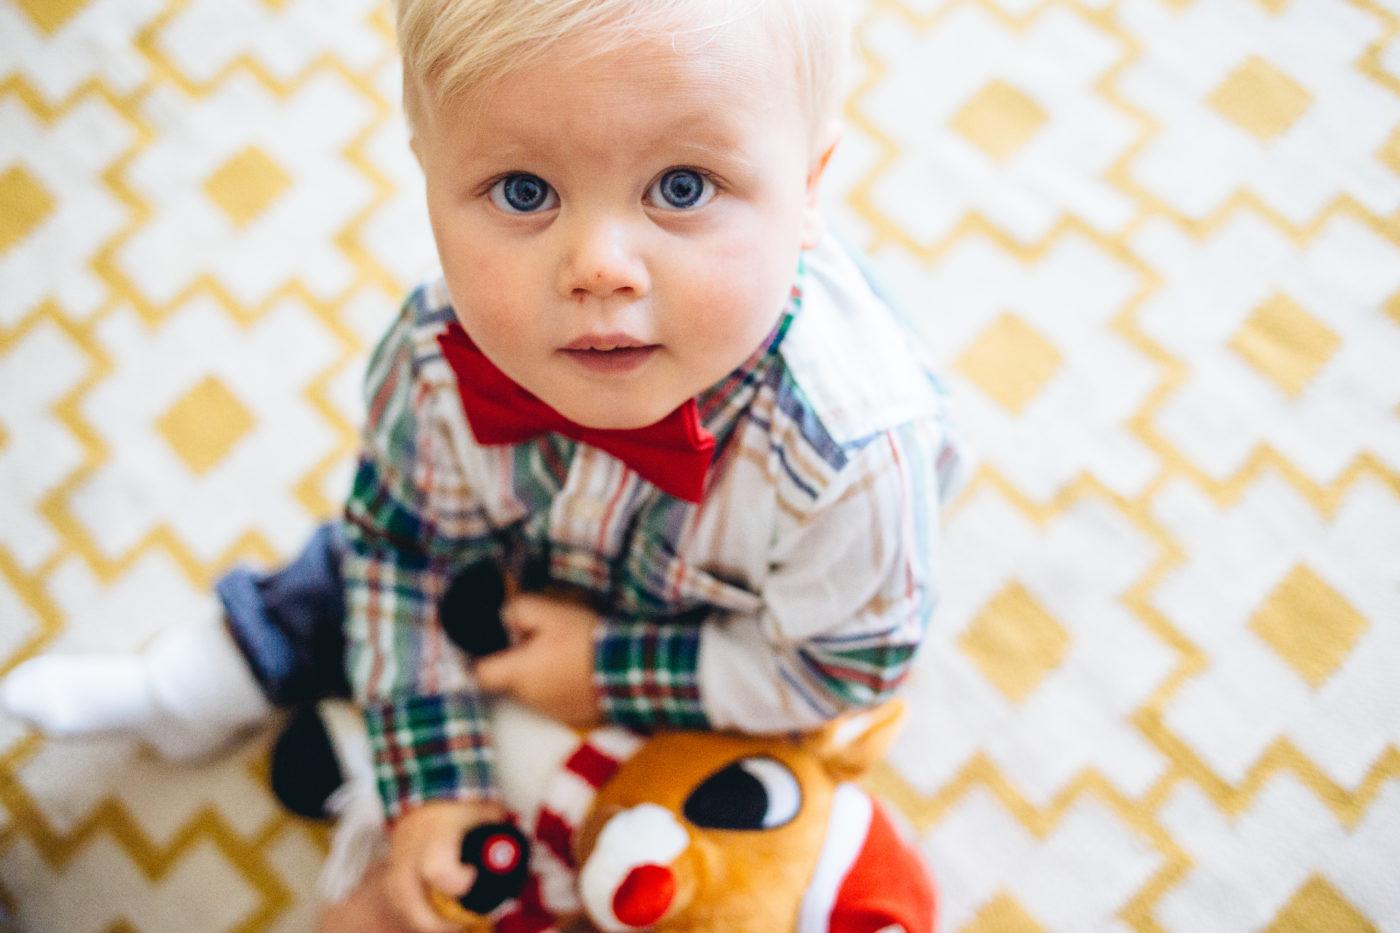 Kind mit Rudolph Stofftier